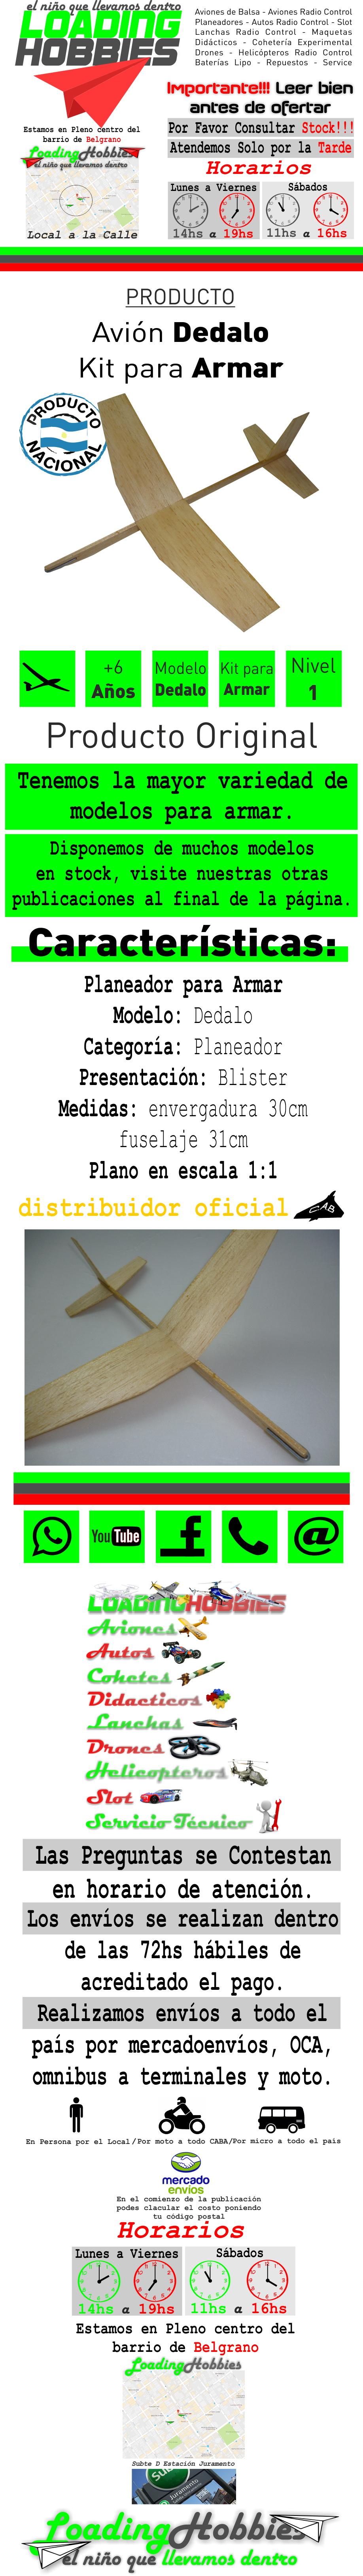 Plantilla Dedalo Corel